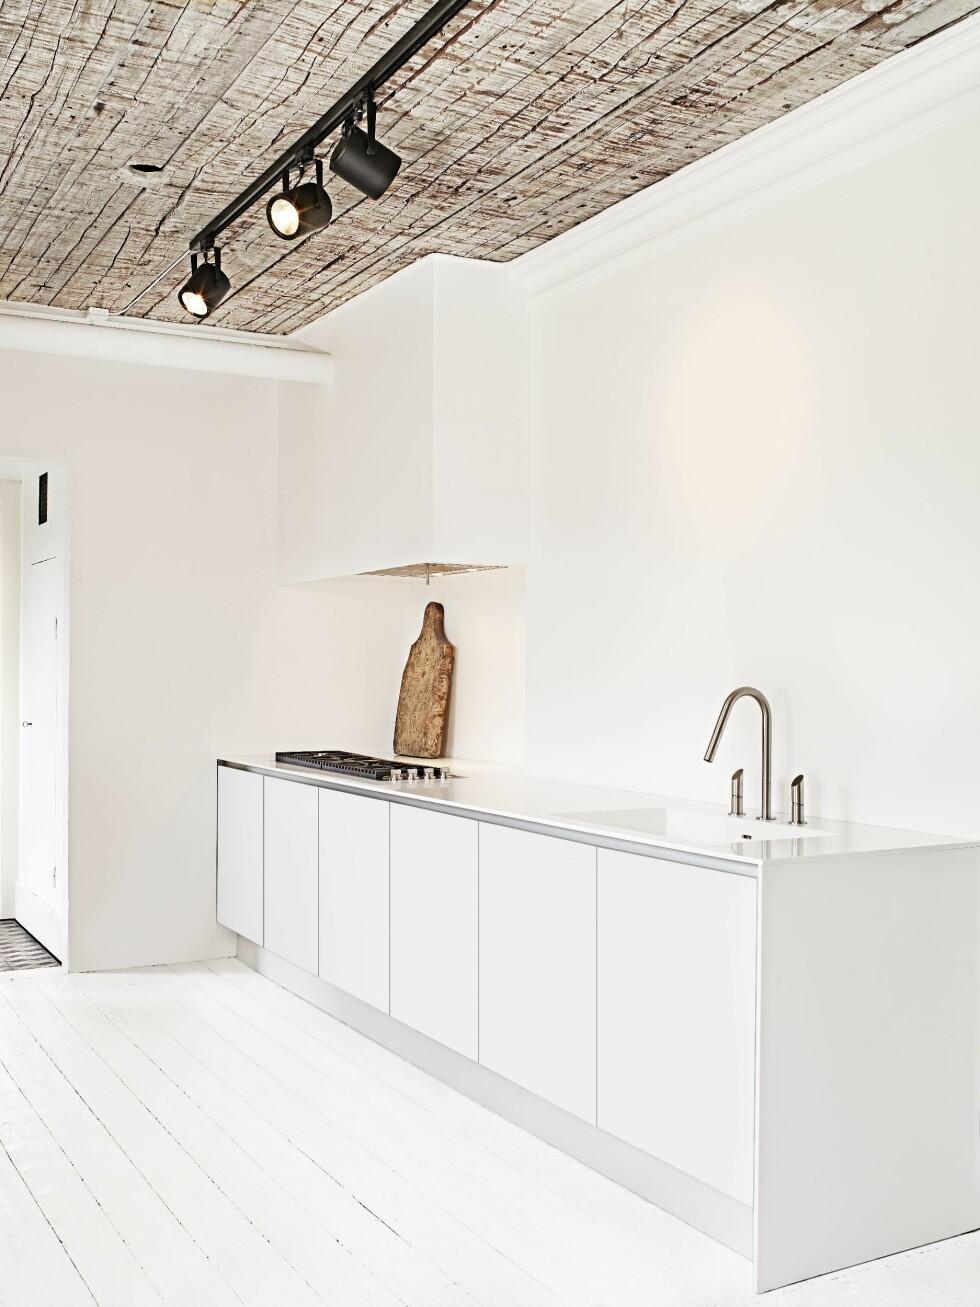 KJØKKENET: Har lekre detaljer - som resten av huset! Sjekk taket! Foto: Sara Svenningrud